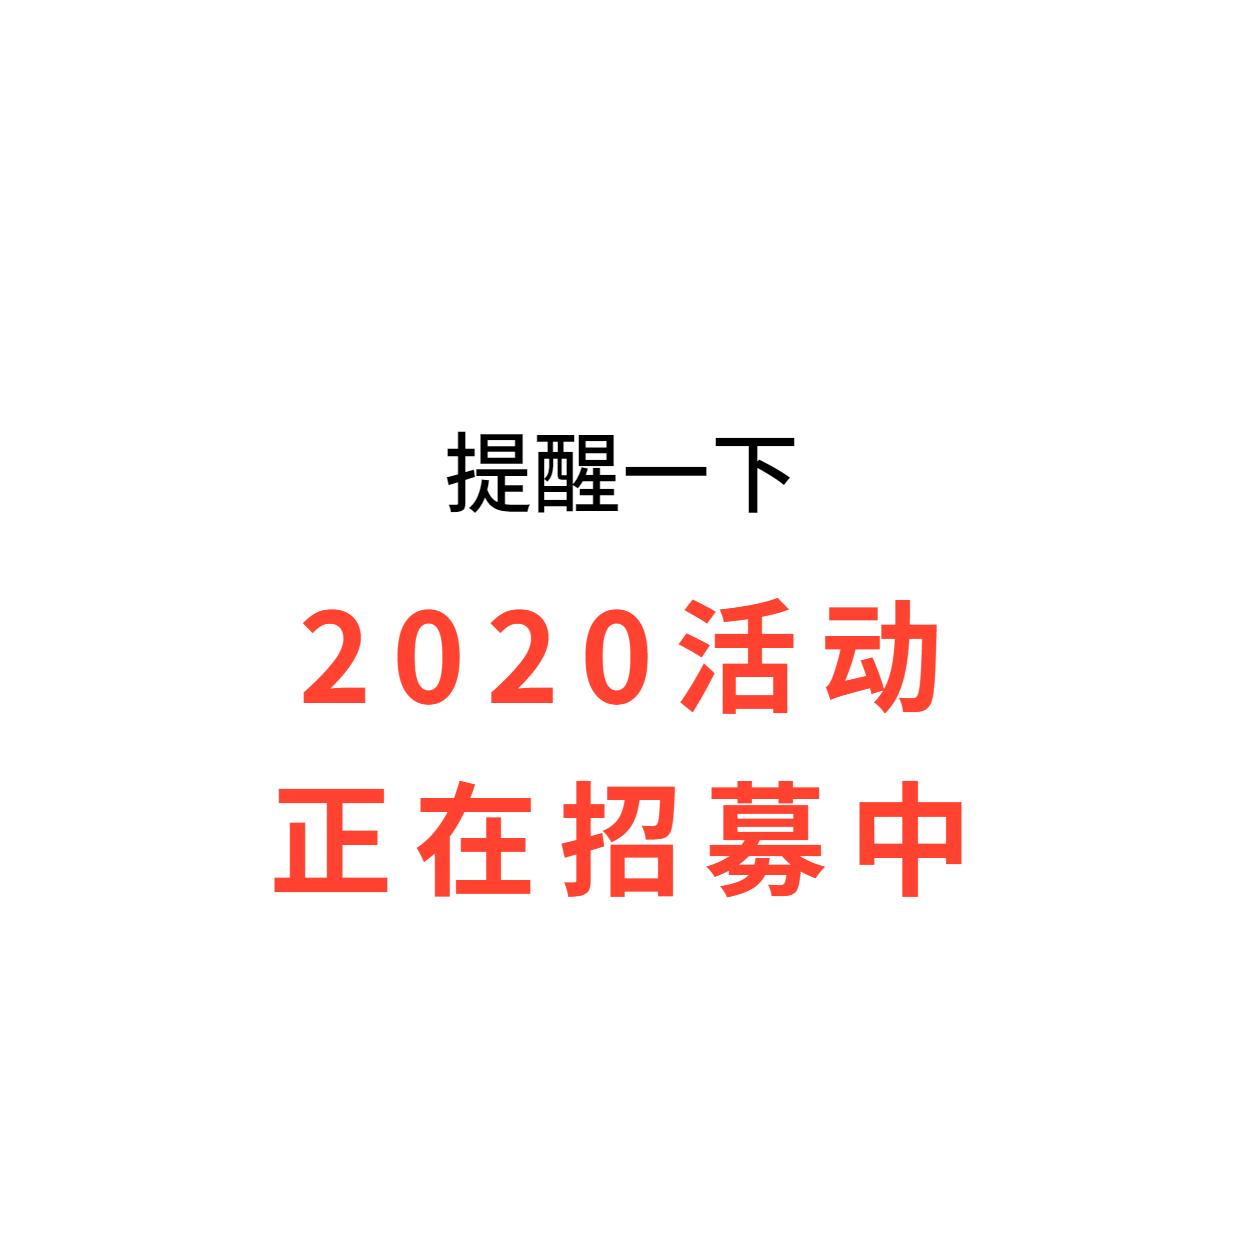 稿定设计导出-20200723-164340.png